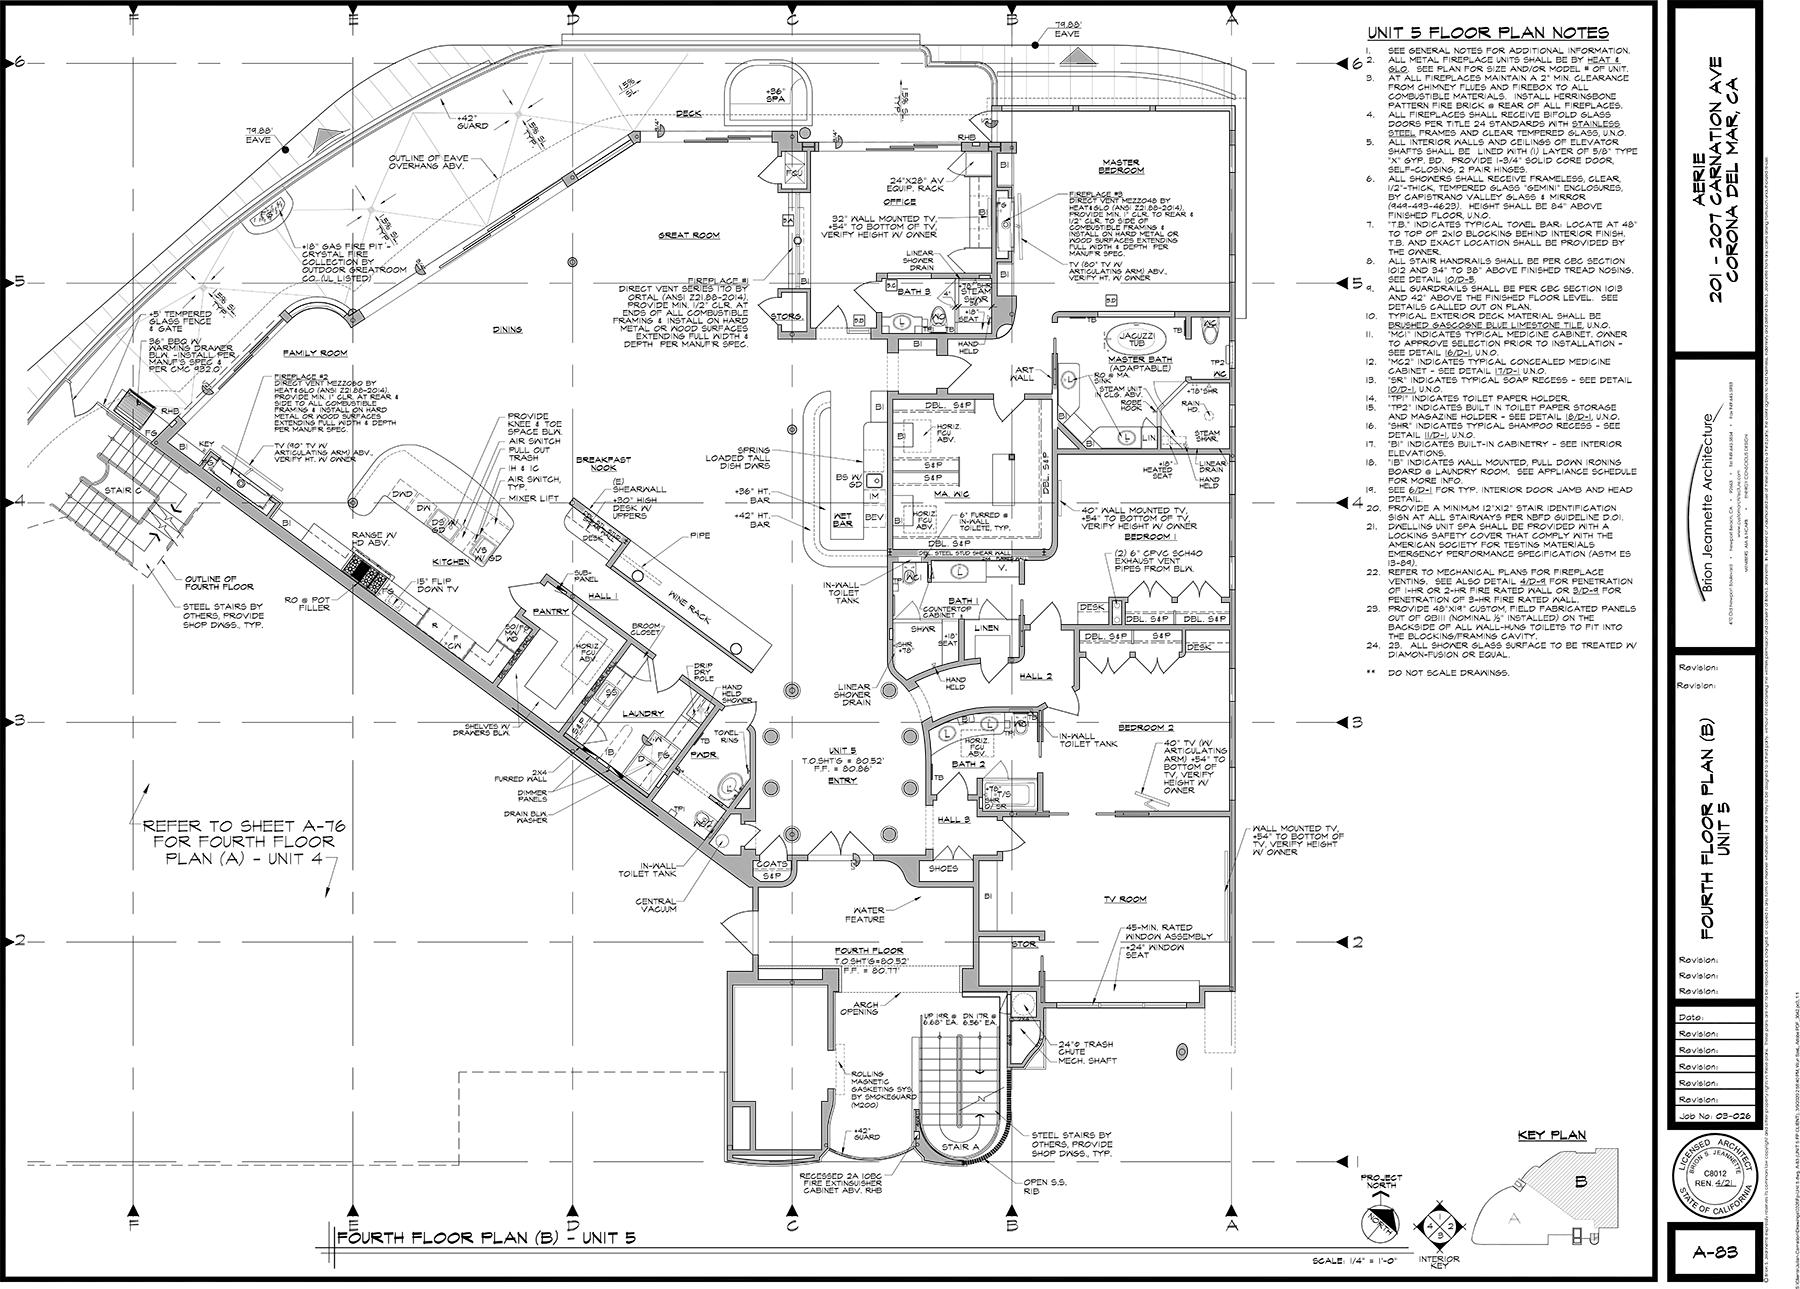 unit 5 floor plans